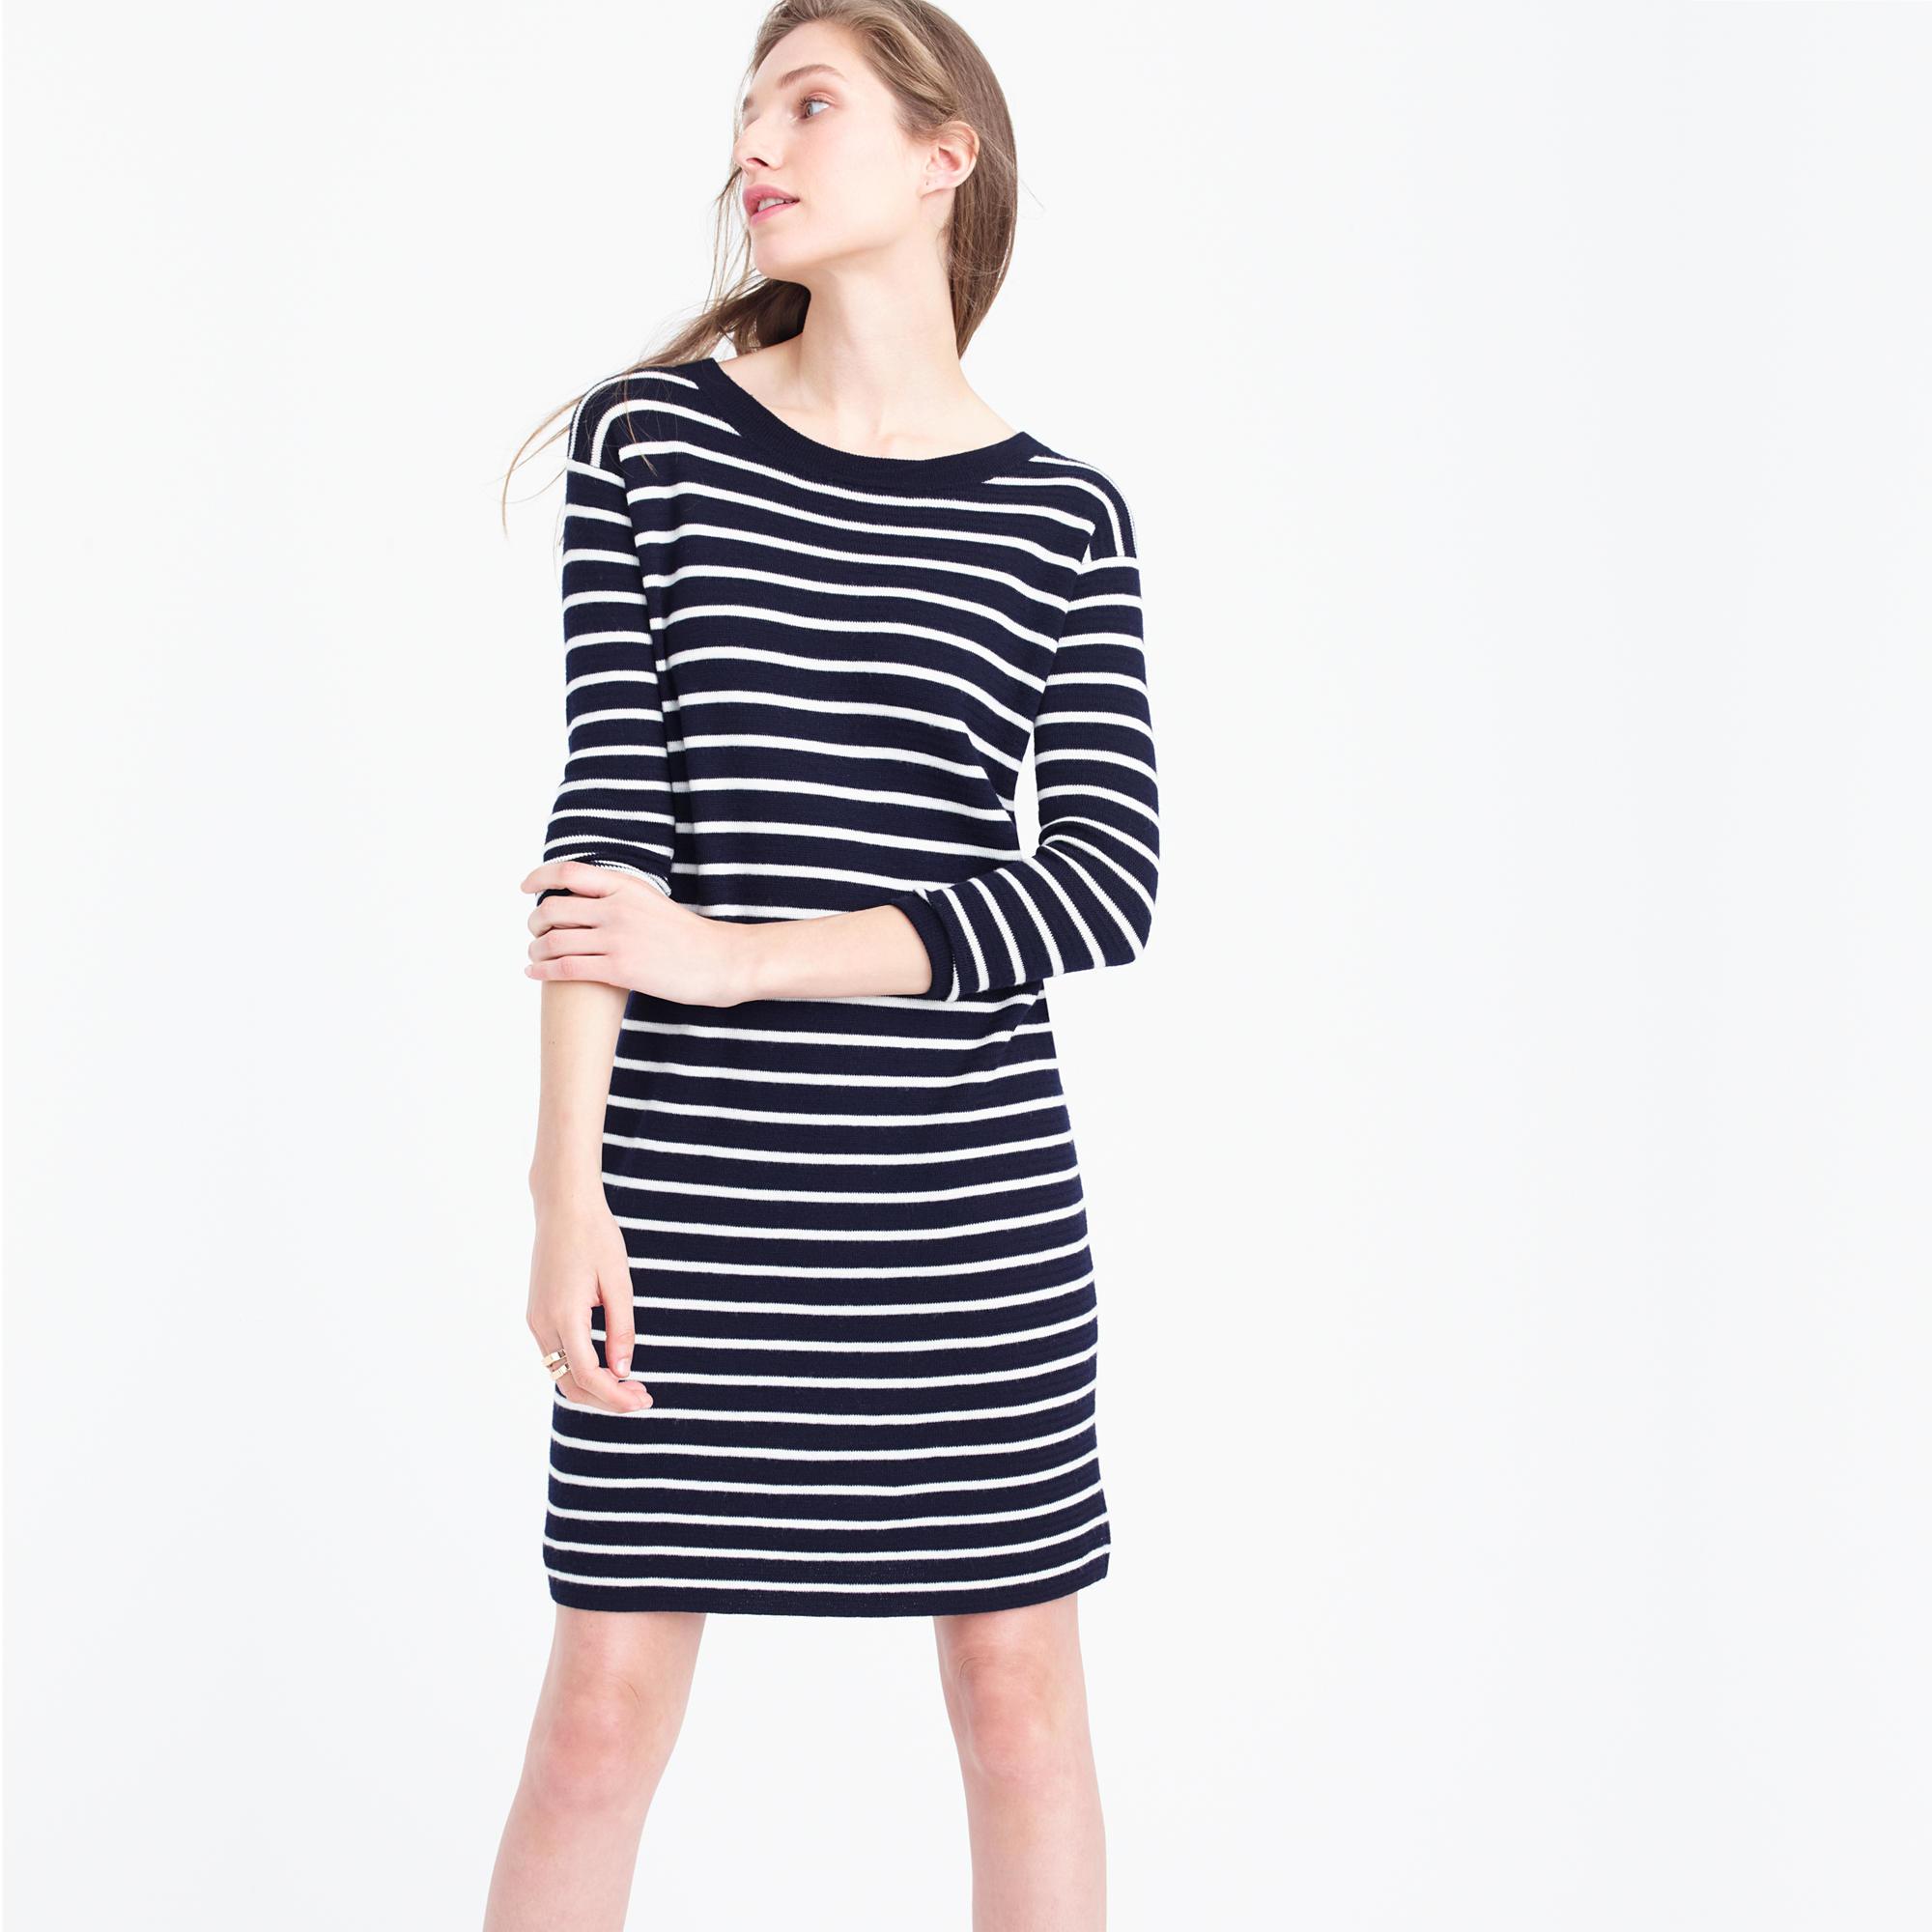 3603f522f7fa Lyst - J.Crew Merino Striped Sweater-dress in Blue